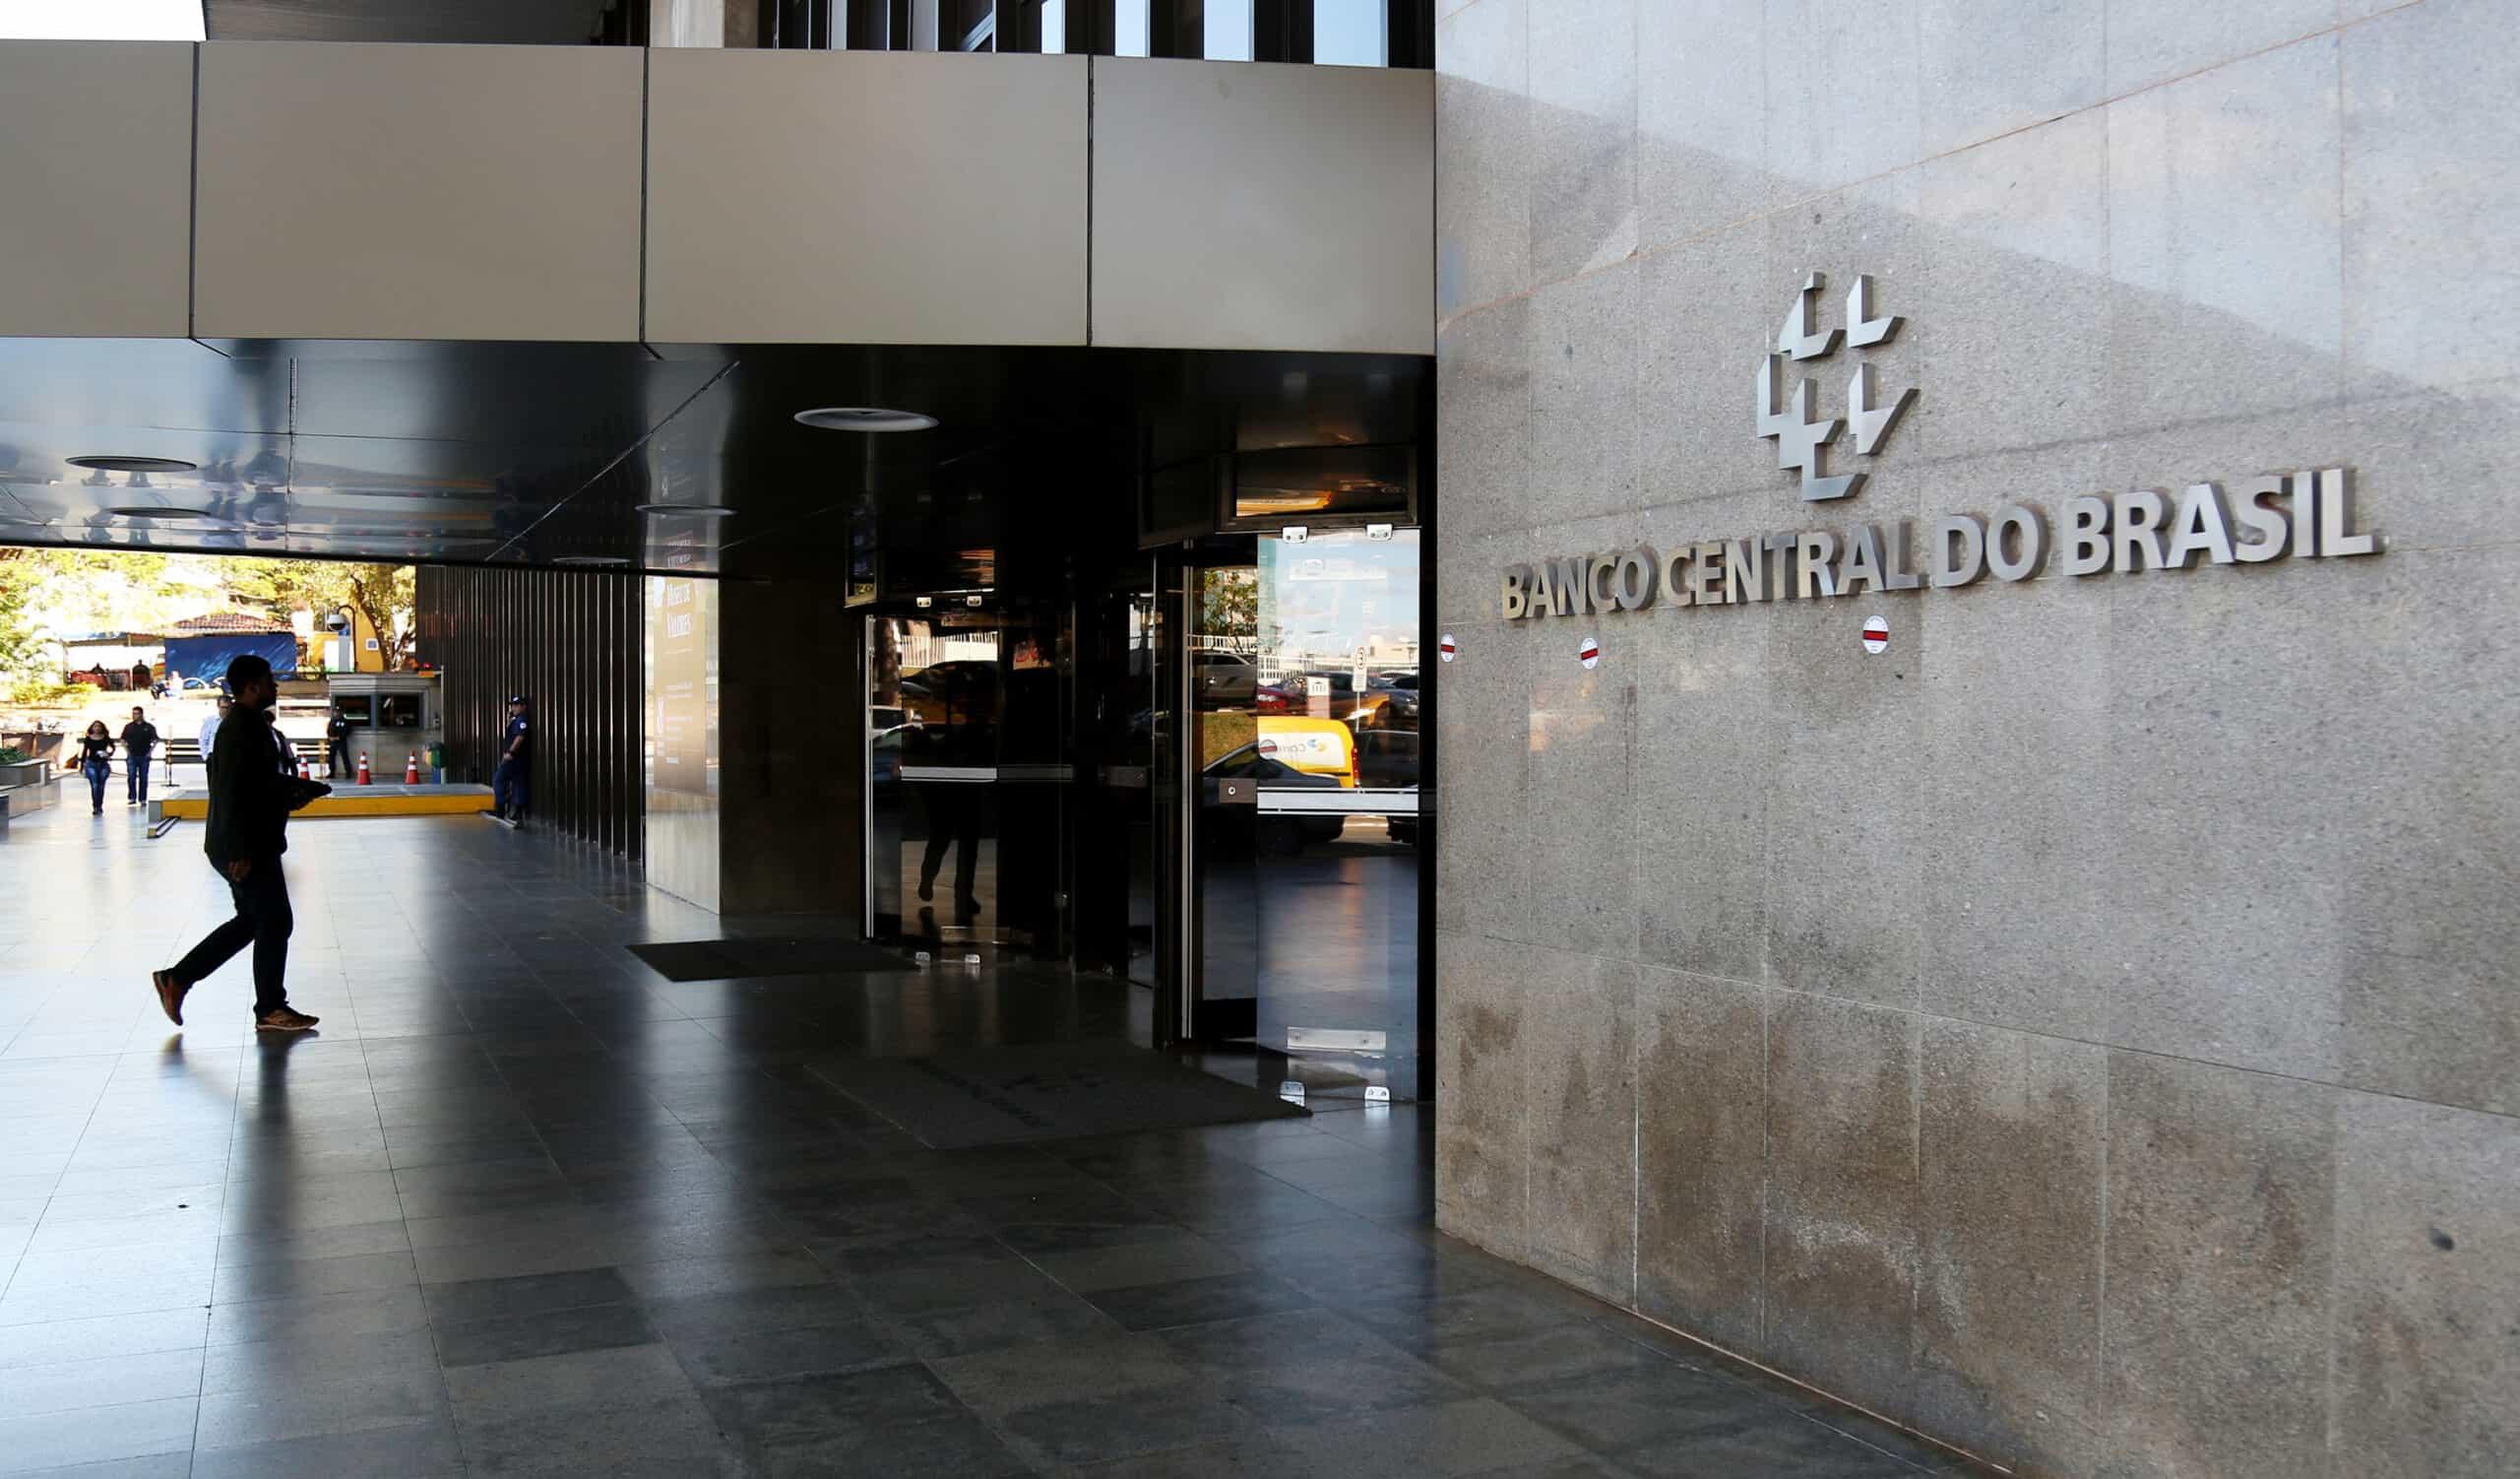 Mercado de trabalho ainda não se recuperou da crise, diz Banco Central